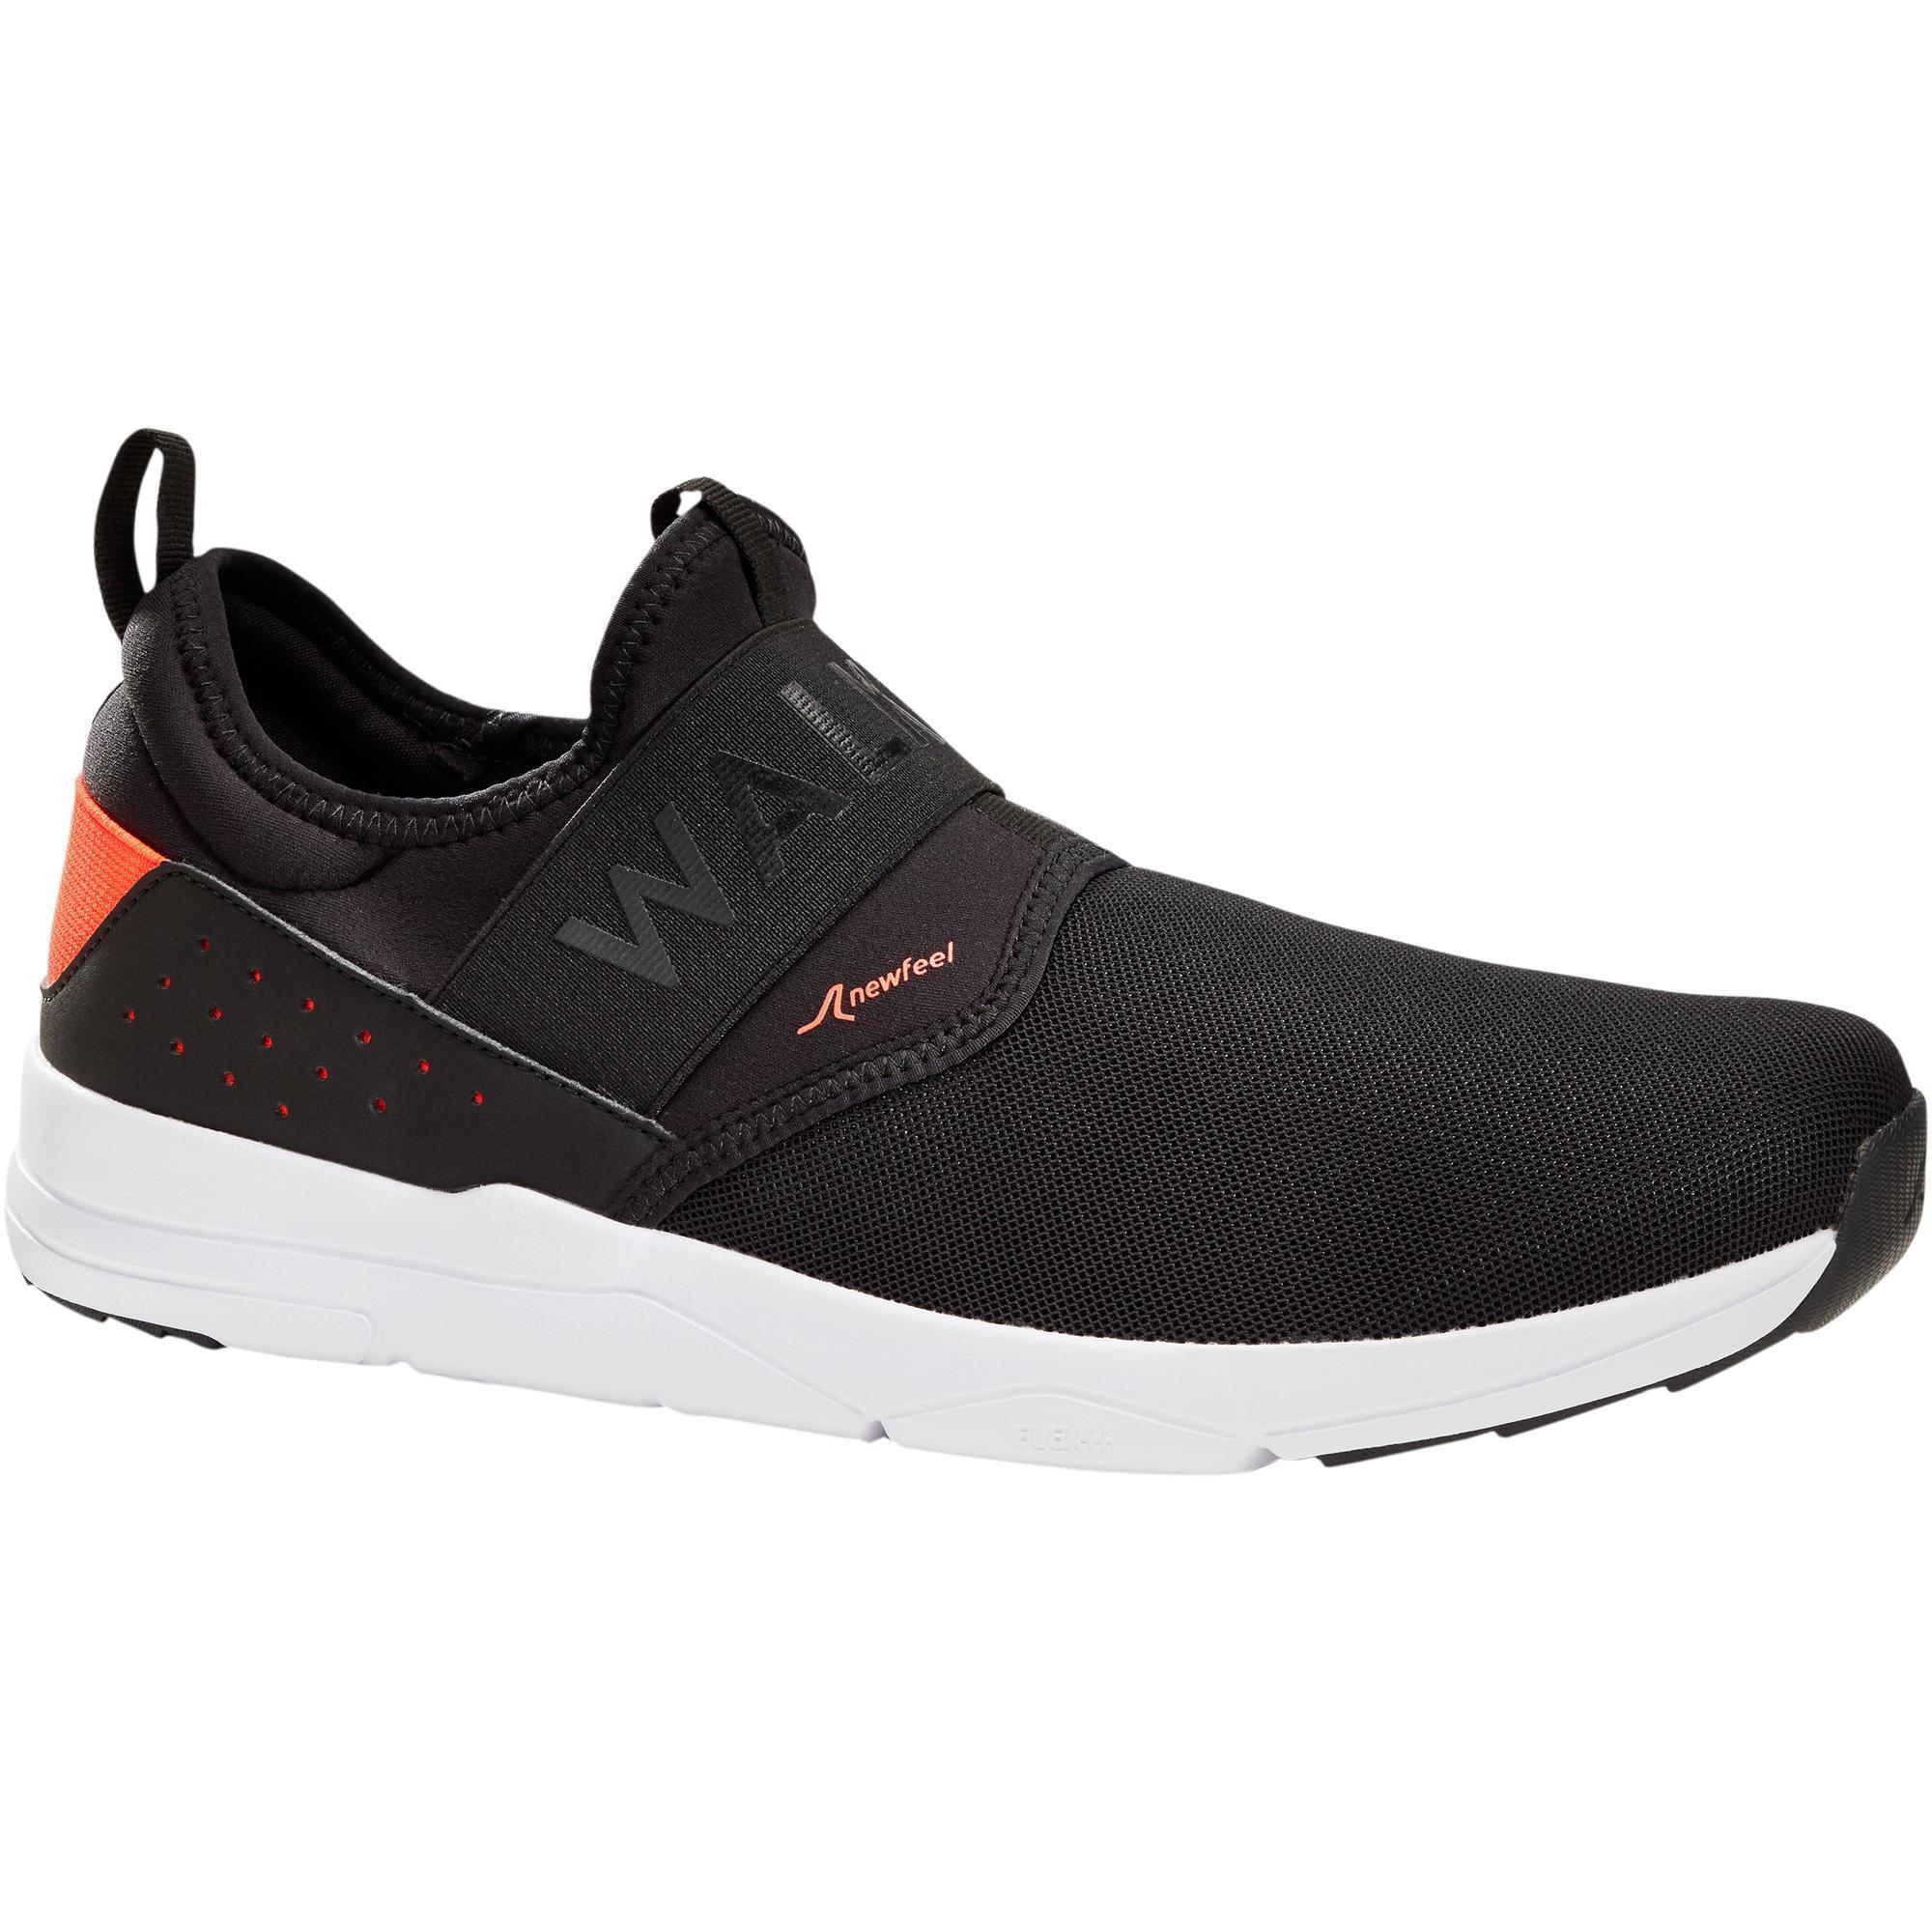 Newfeel Herensneakers voor sportief wandelen PW 160 Slip-On zwart / oranje